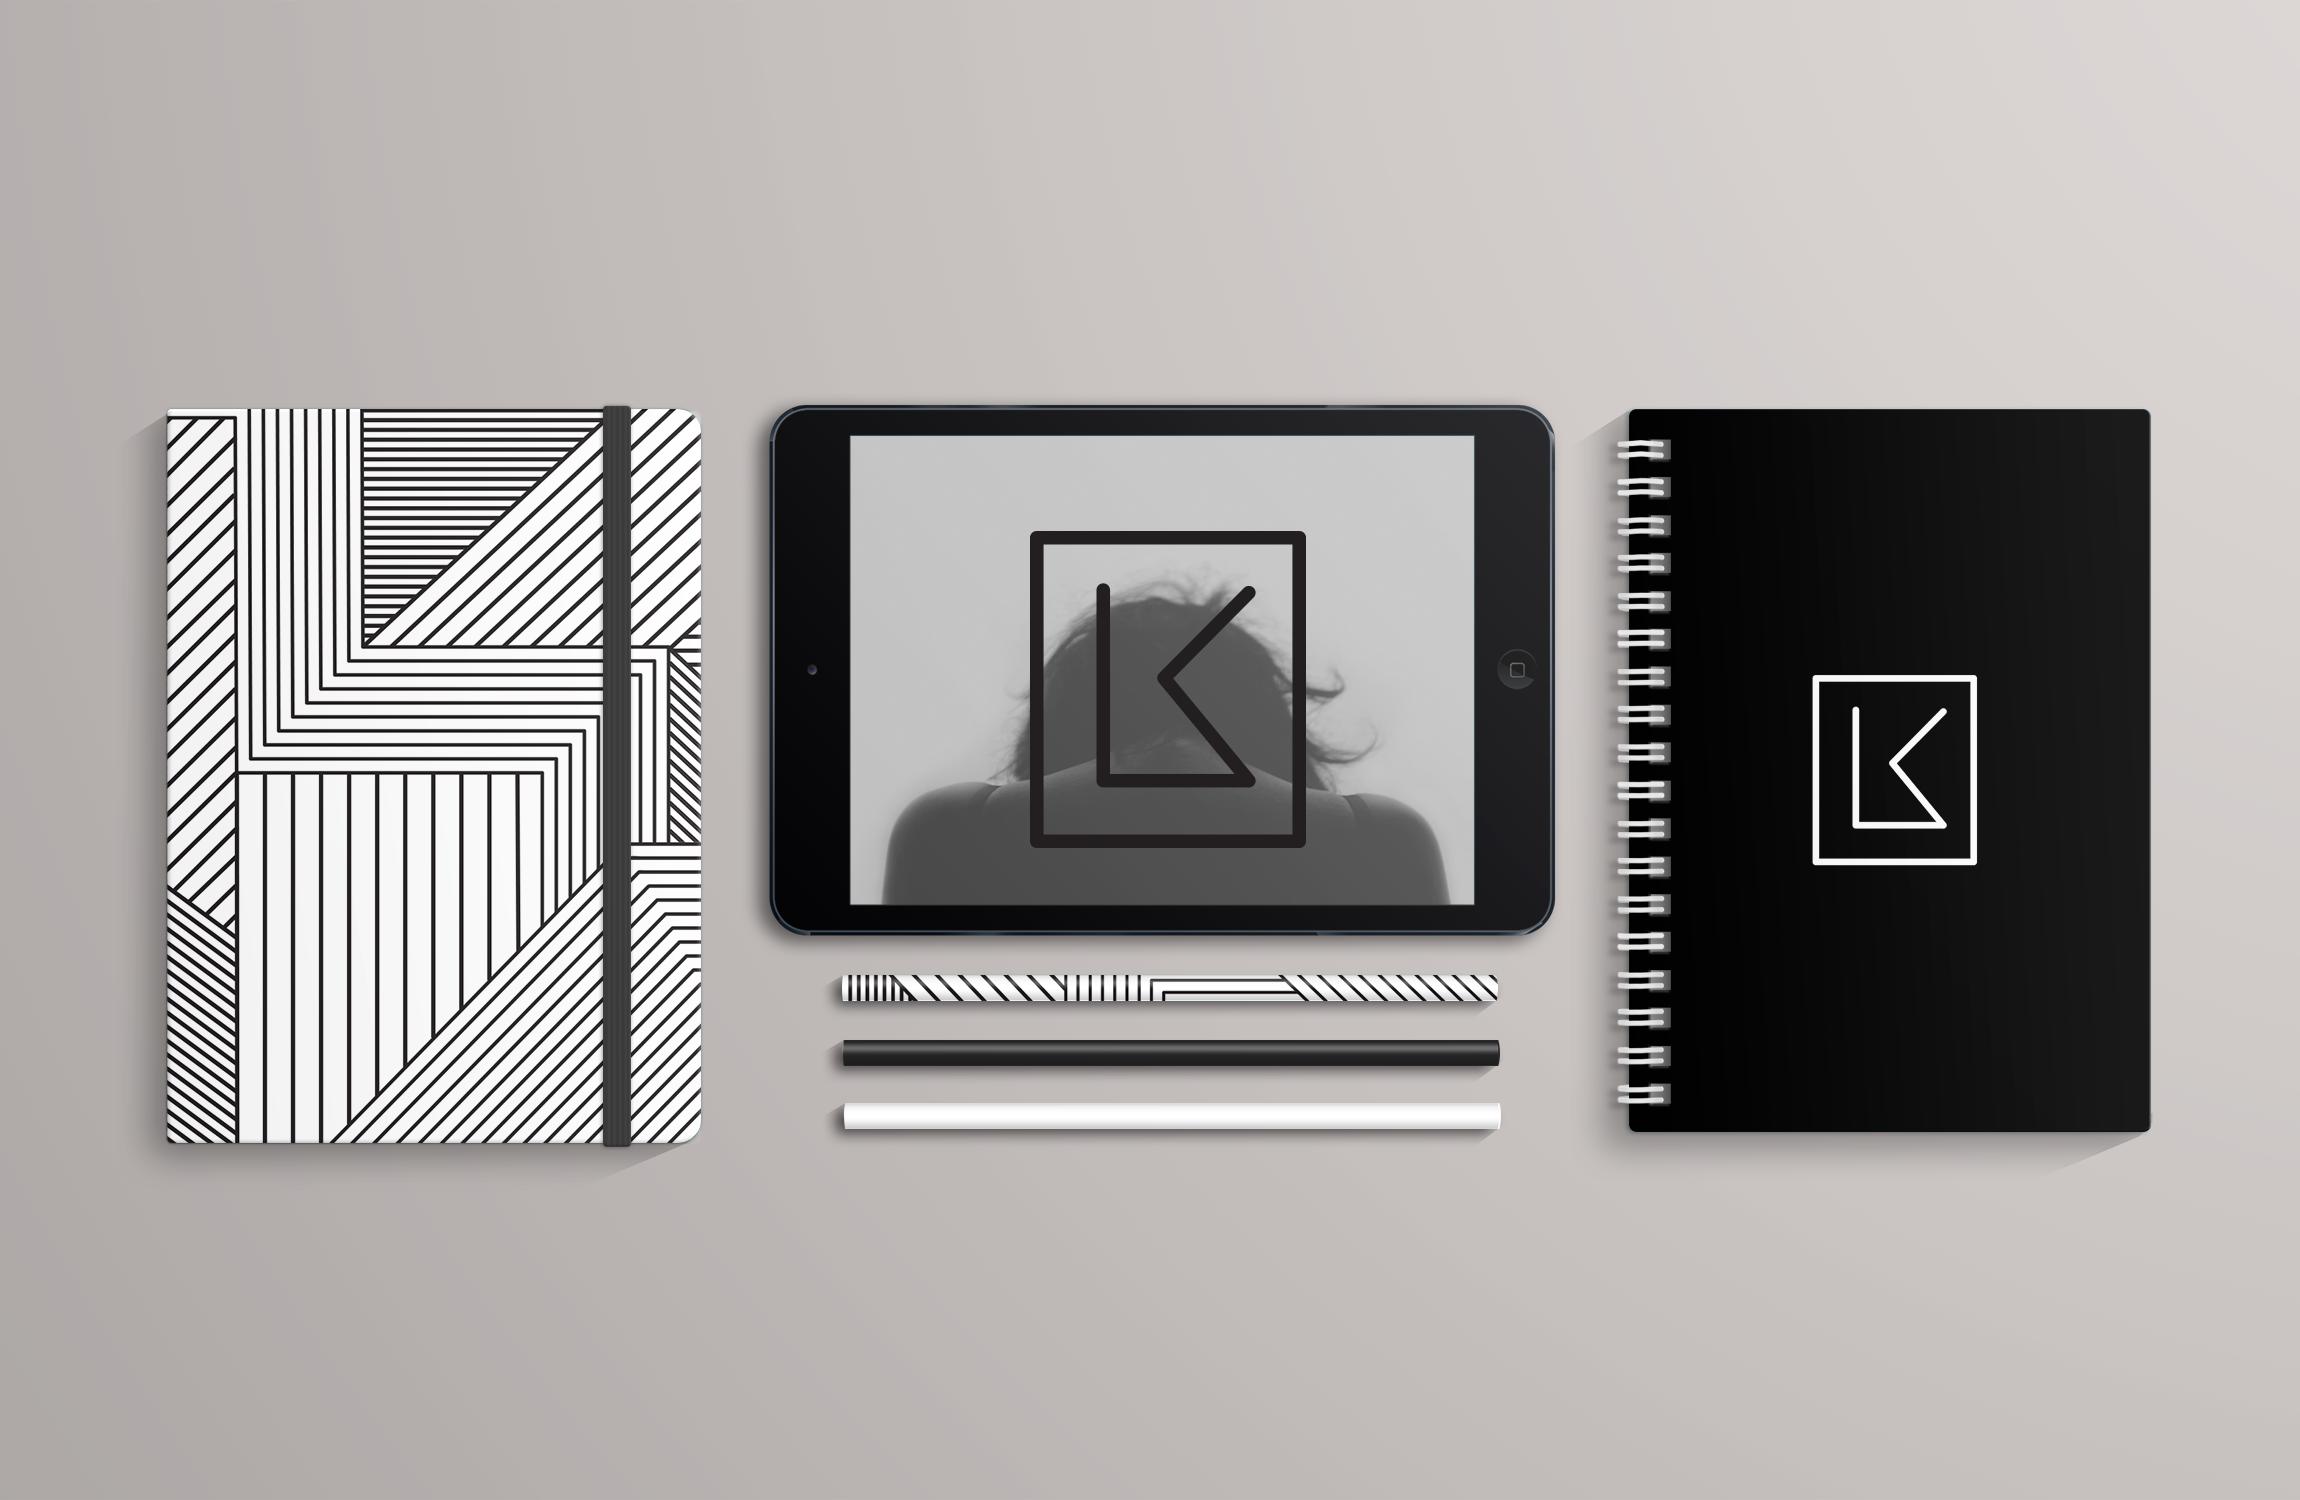 lk_notebook.png